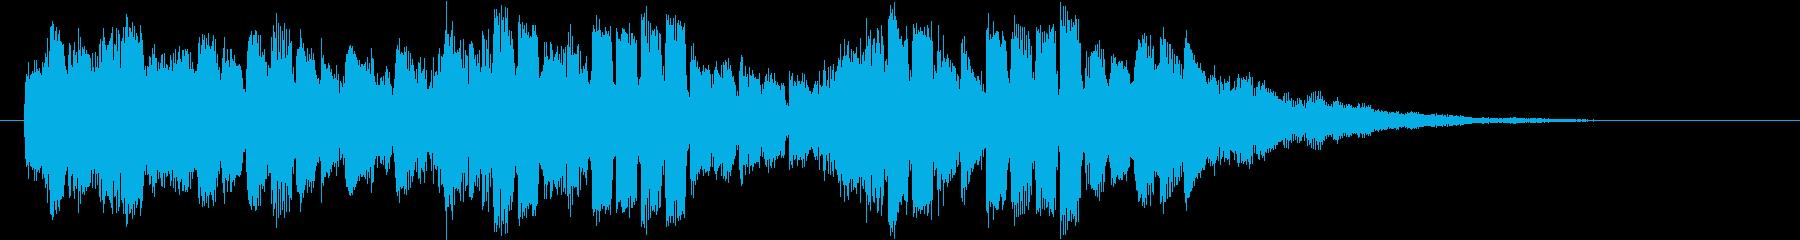 クール&未来的なオープニングロゴの再生済みの波形